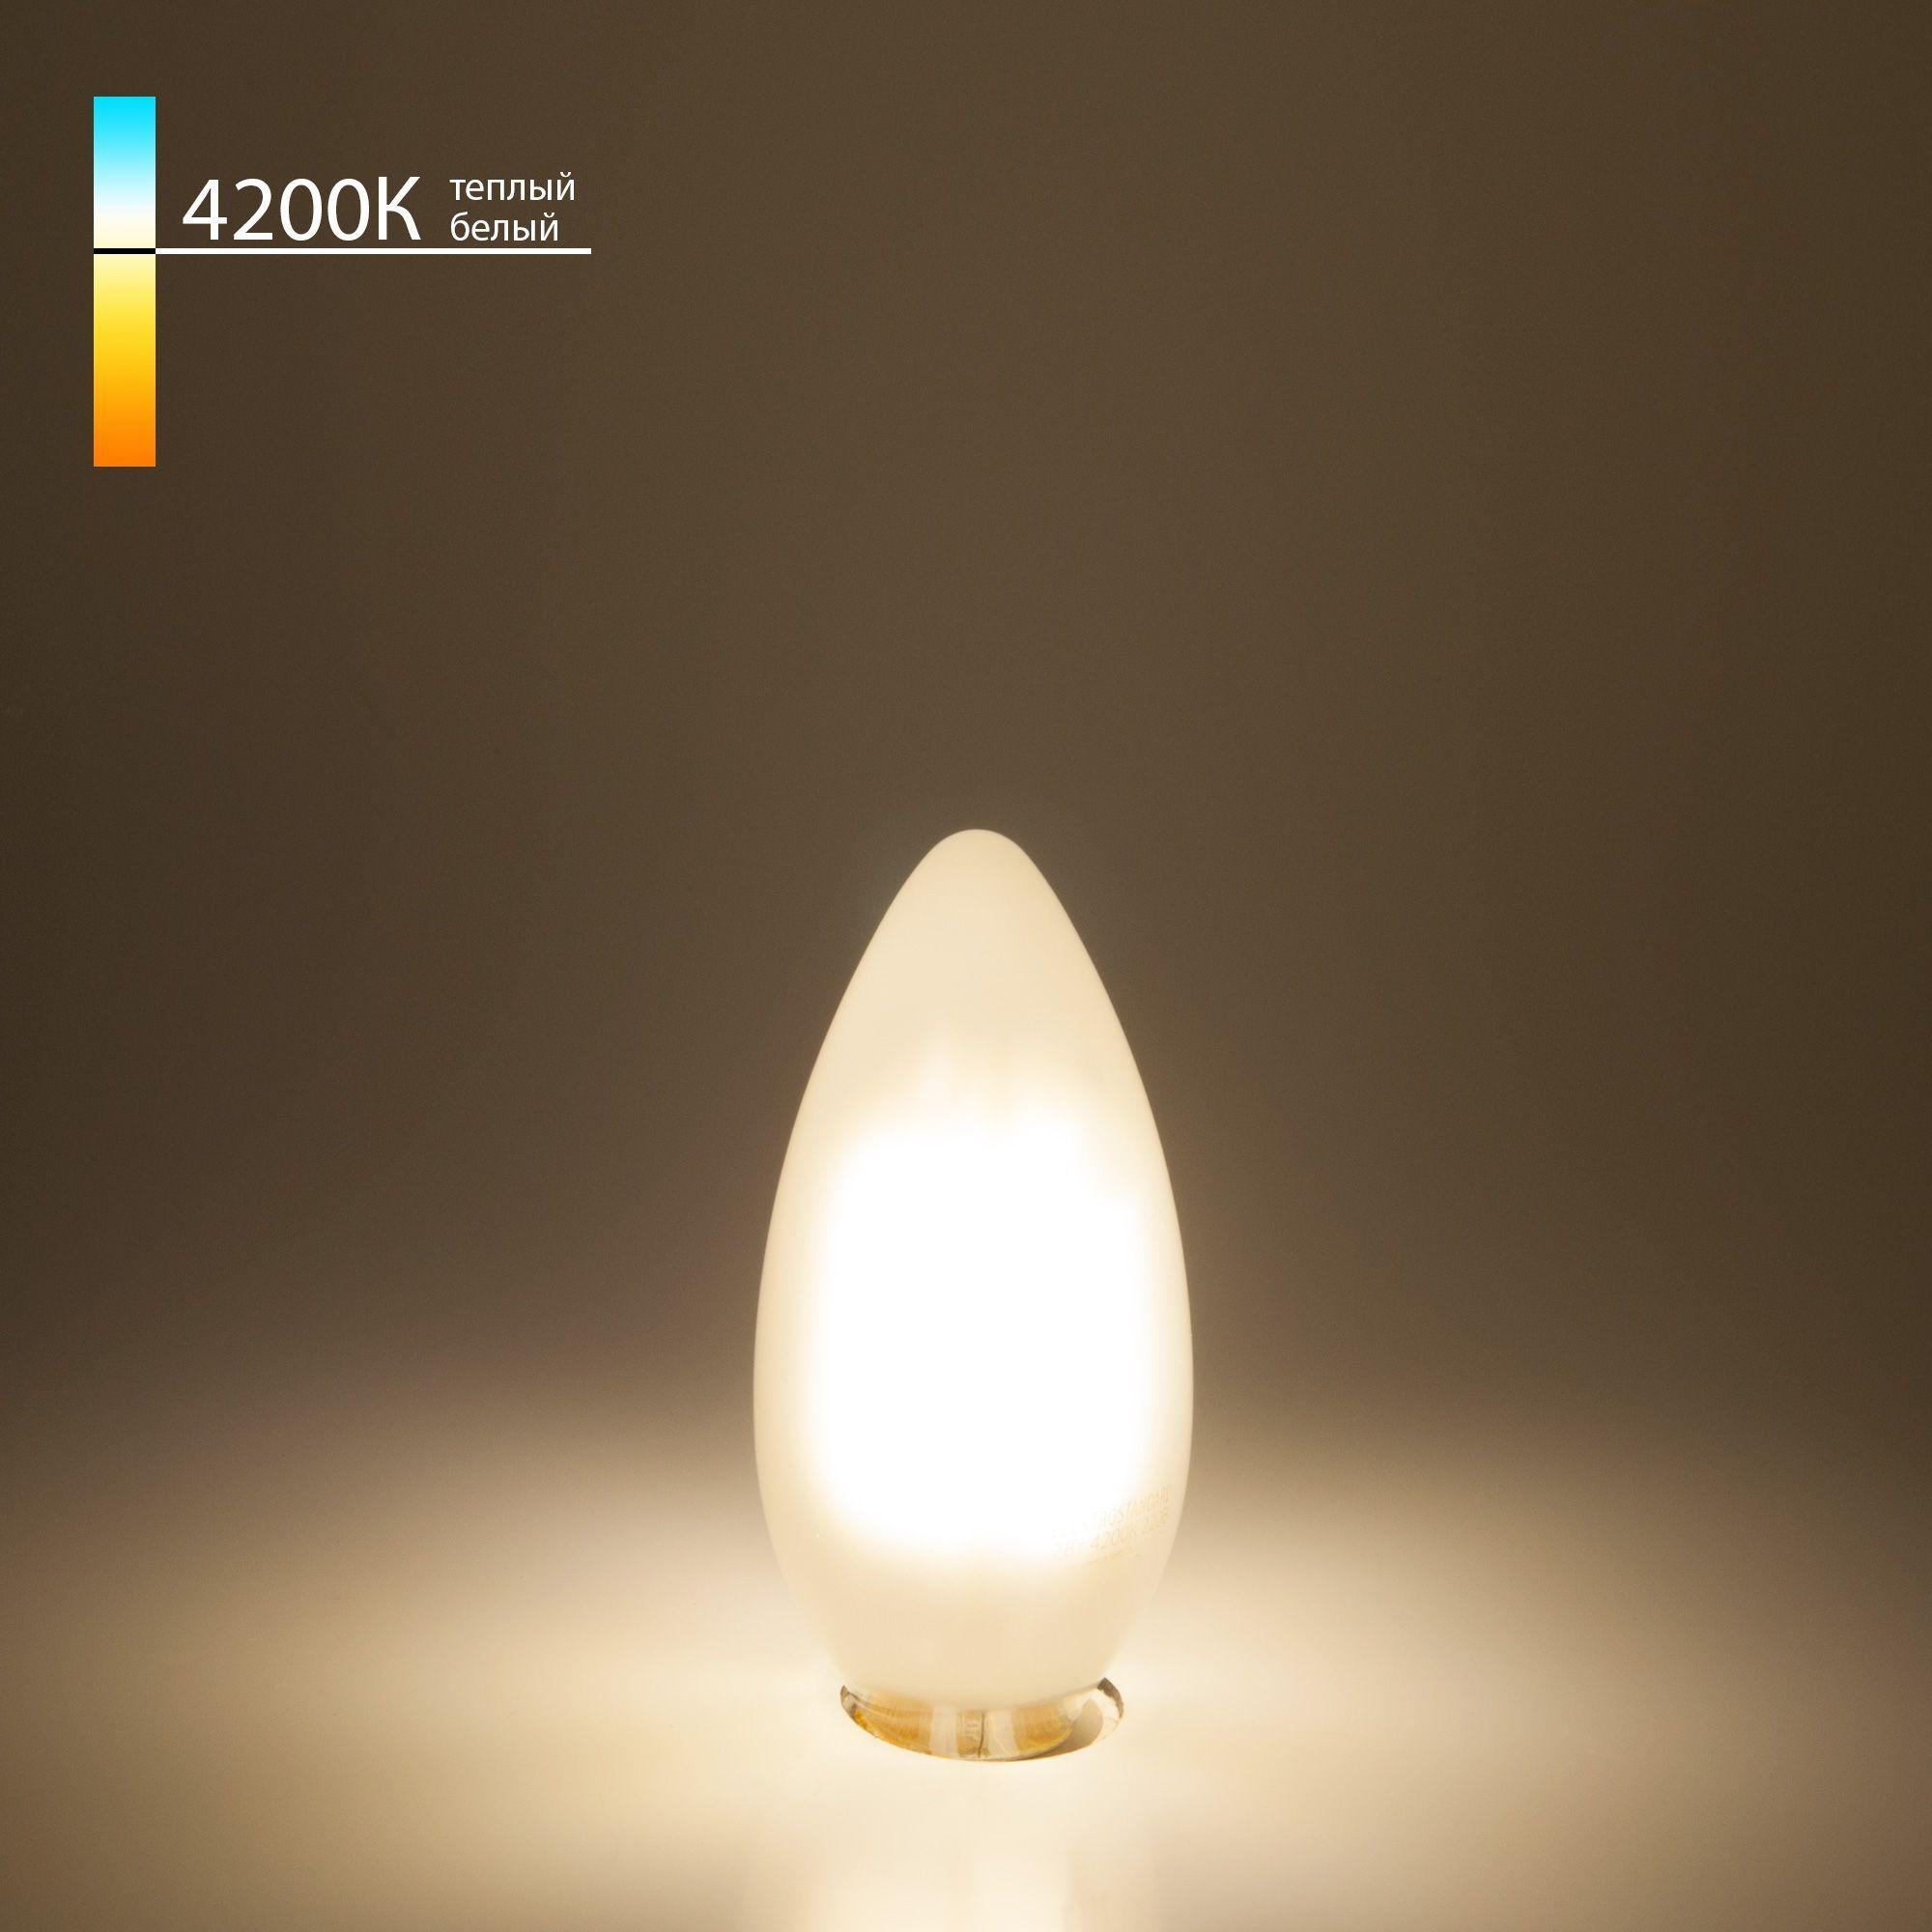 Филаментная светодиодная лампа Свеча